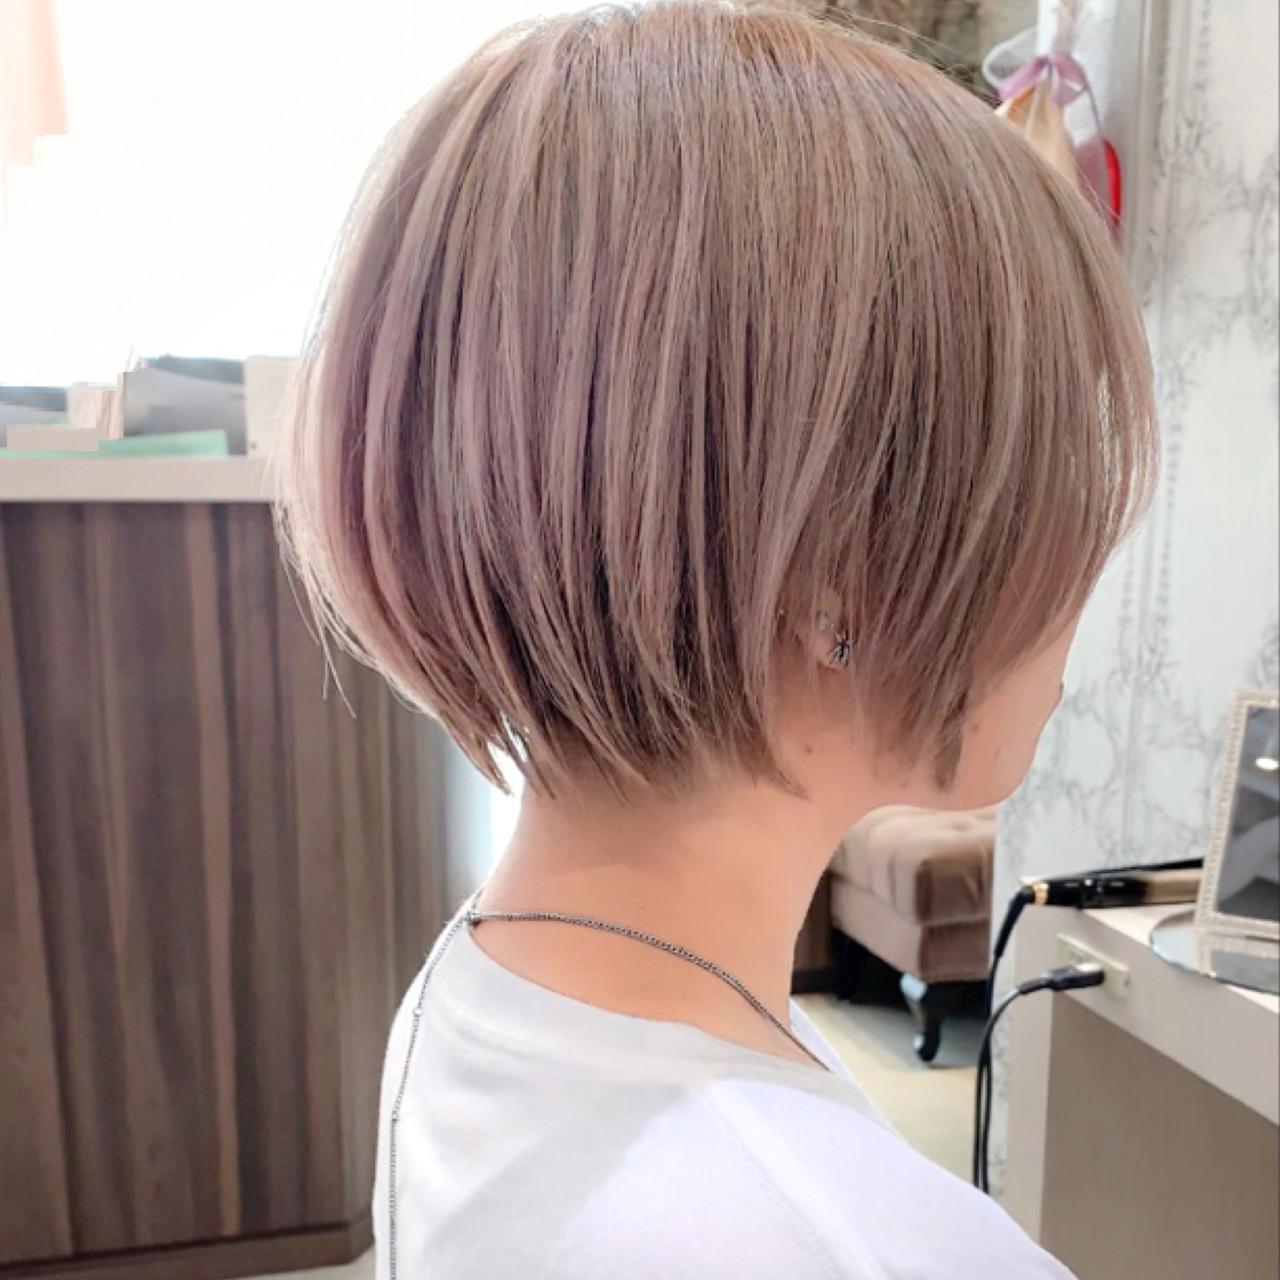 ミルクティーベージュ ショートヘア ナチュラル ショートボブ ヘアスタイルや髪型の写真・画像